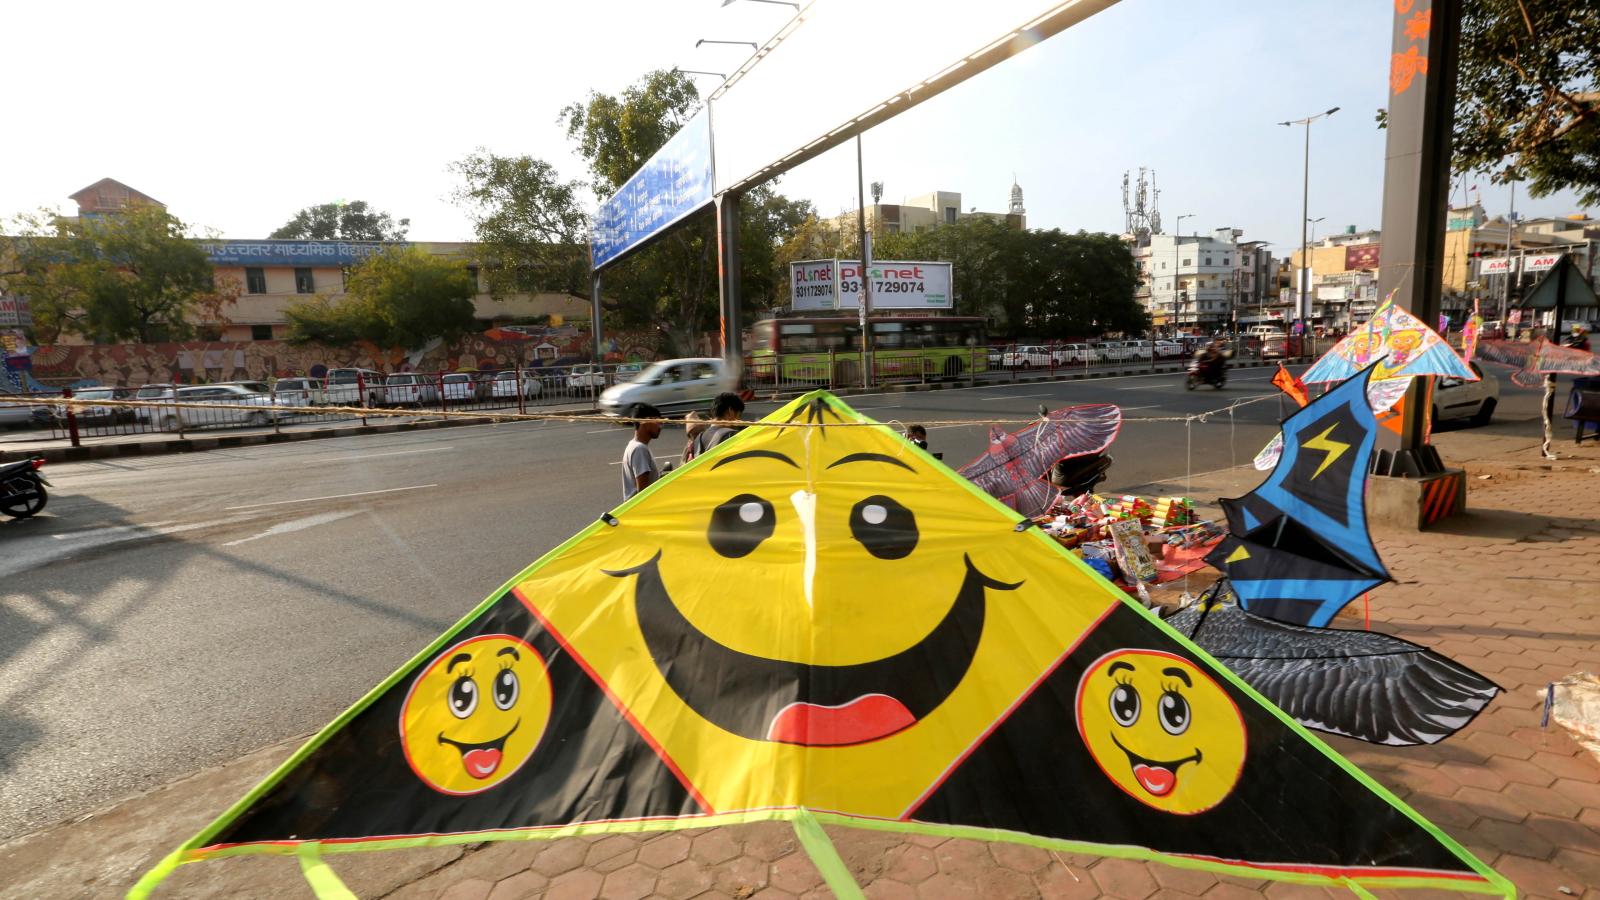 Latawce wystawione na sprzedaż przed festiwalem Makar Sankranti, Indie. Fot. PAP/EPA/SANJEEV GUPTA